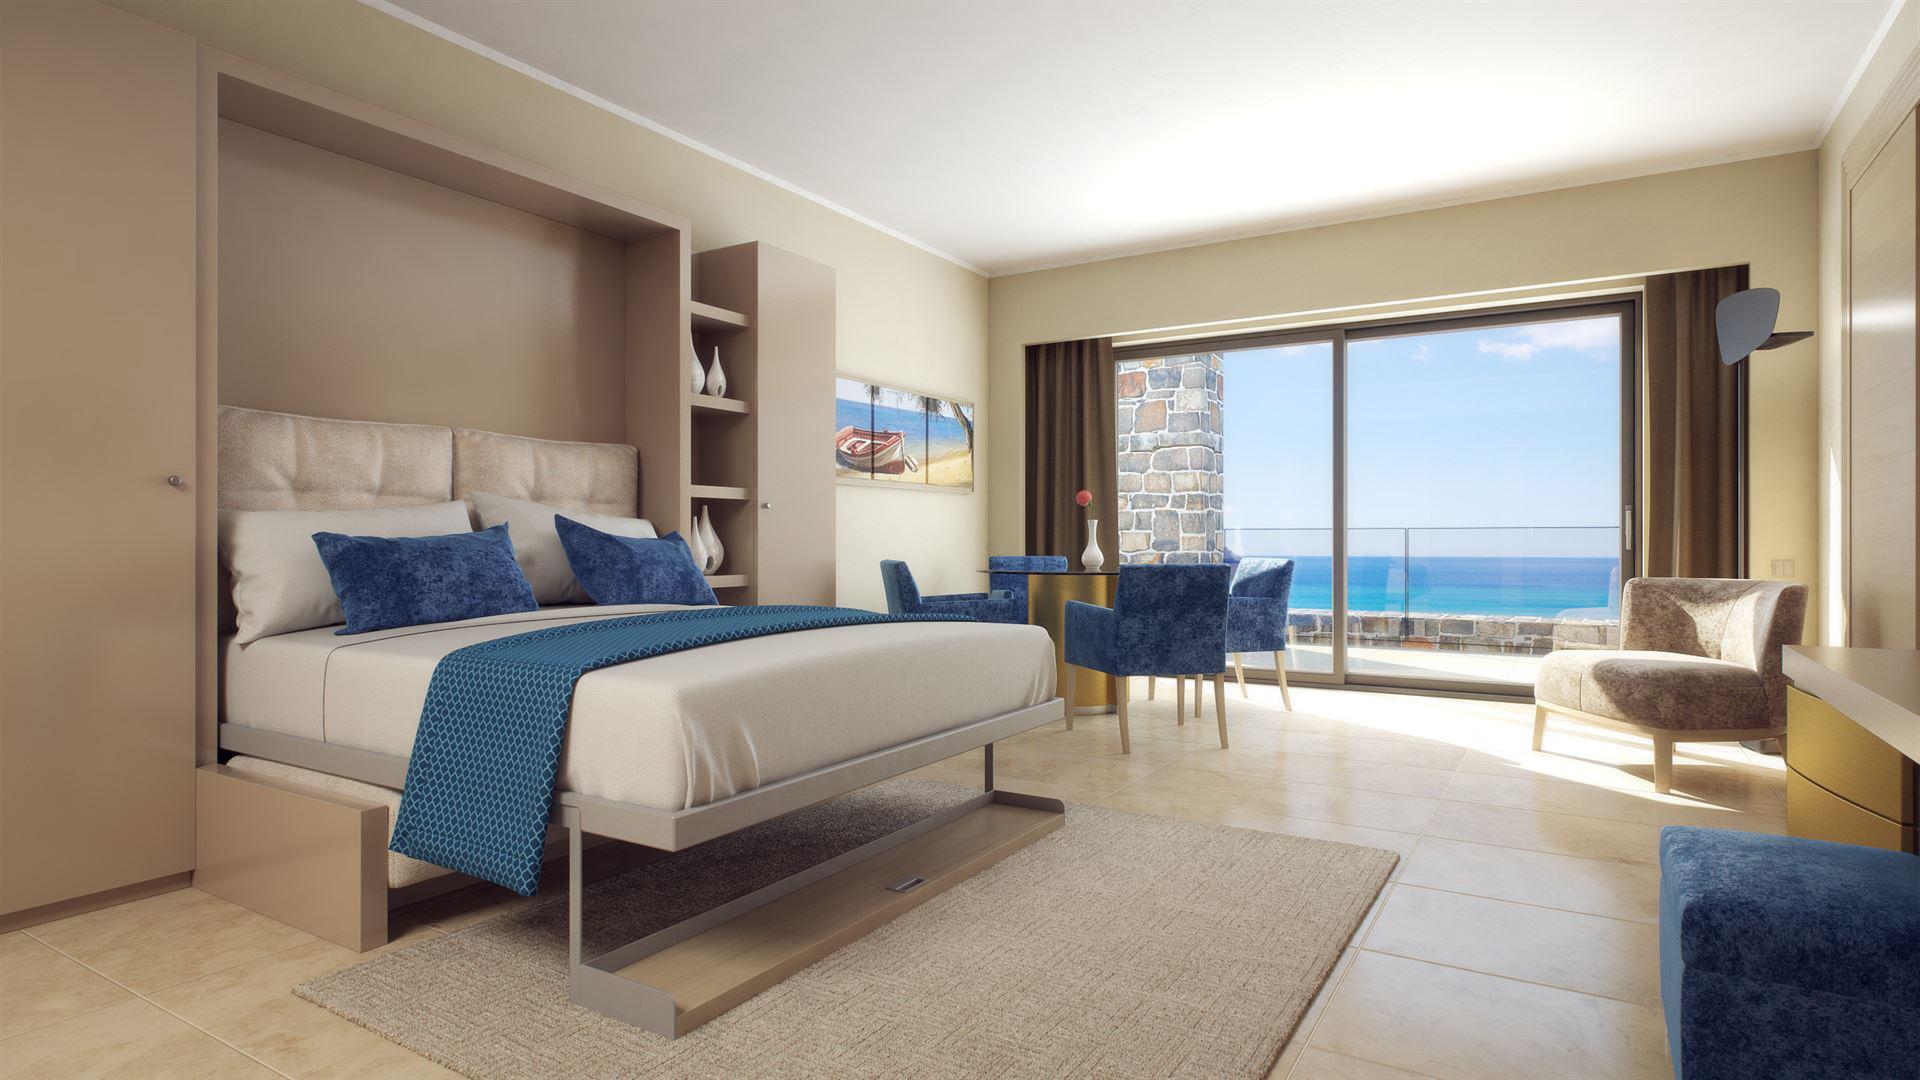 Apartamento en venta en Dubai, EAU, 3 dormitorios, 187 m2, № 23870 – foto 2